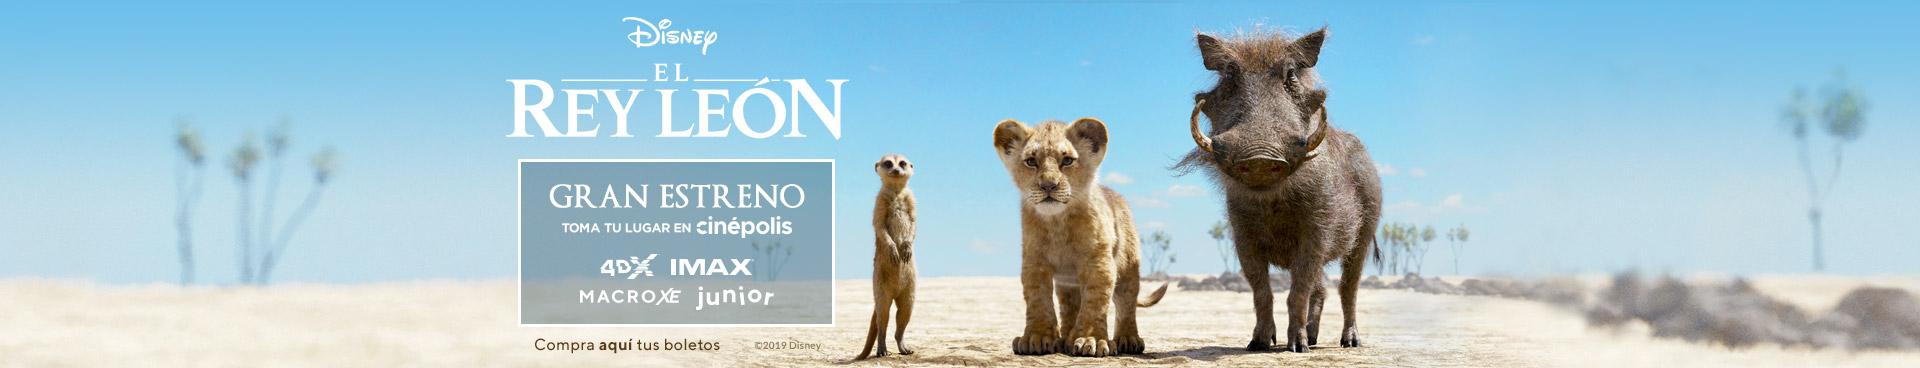 Gran estreno: El Rey León